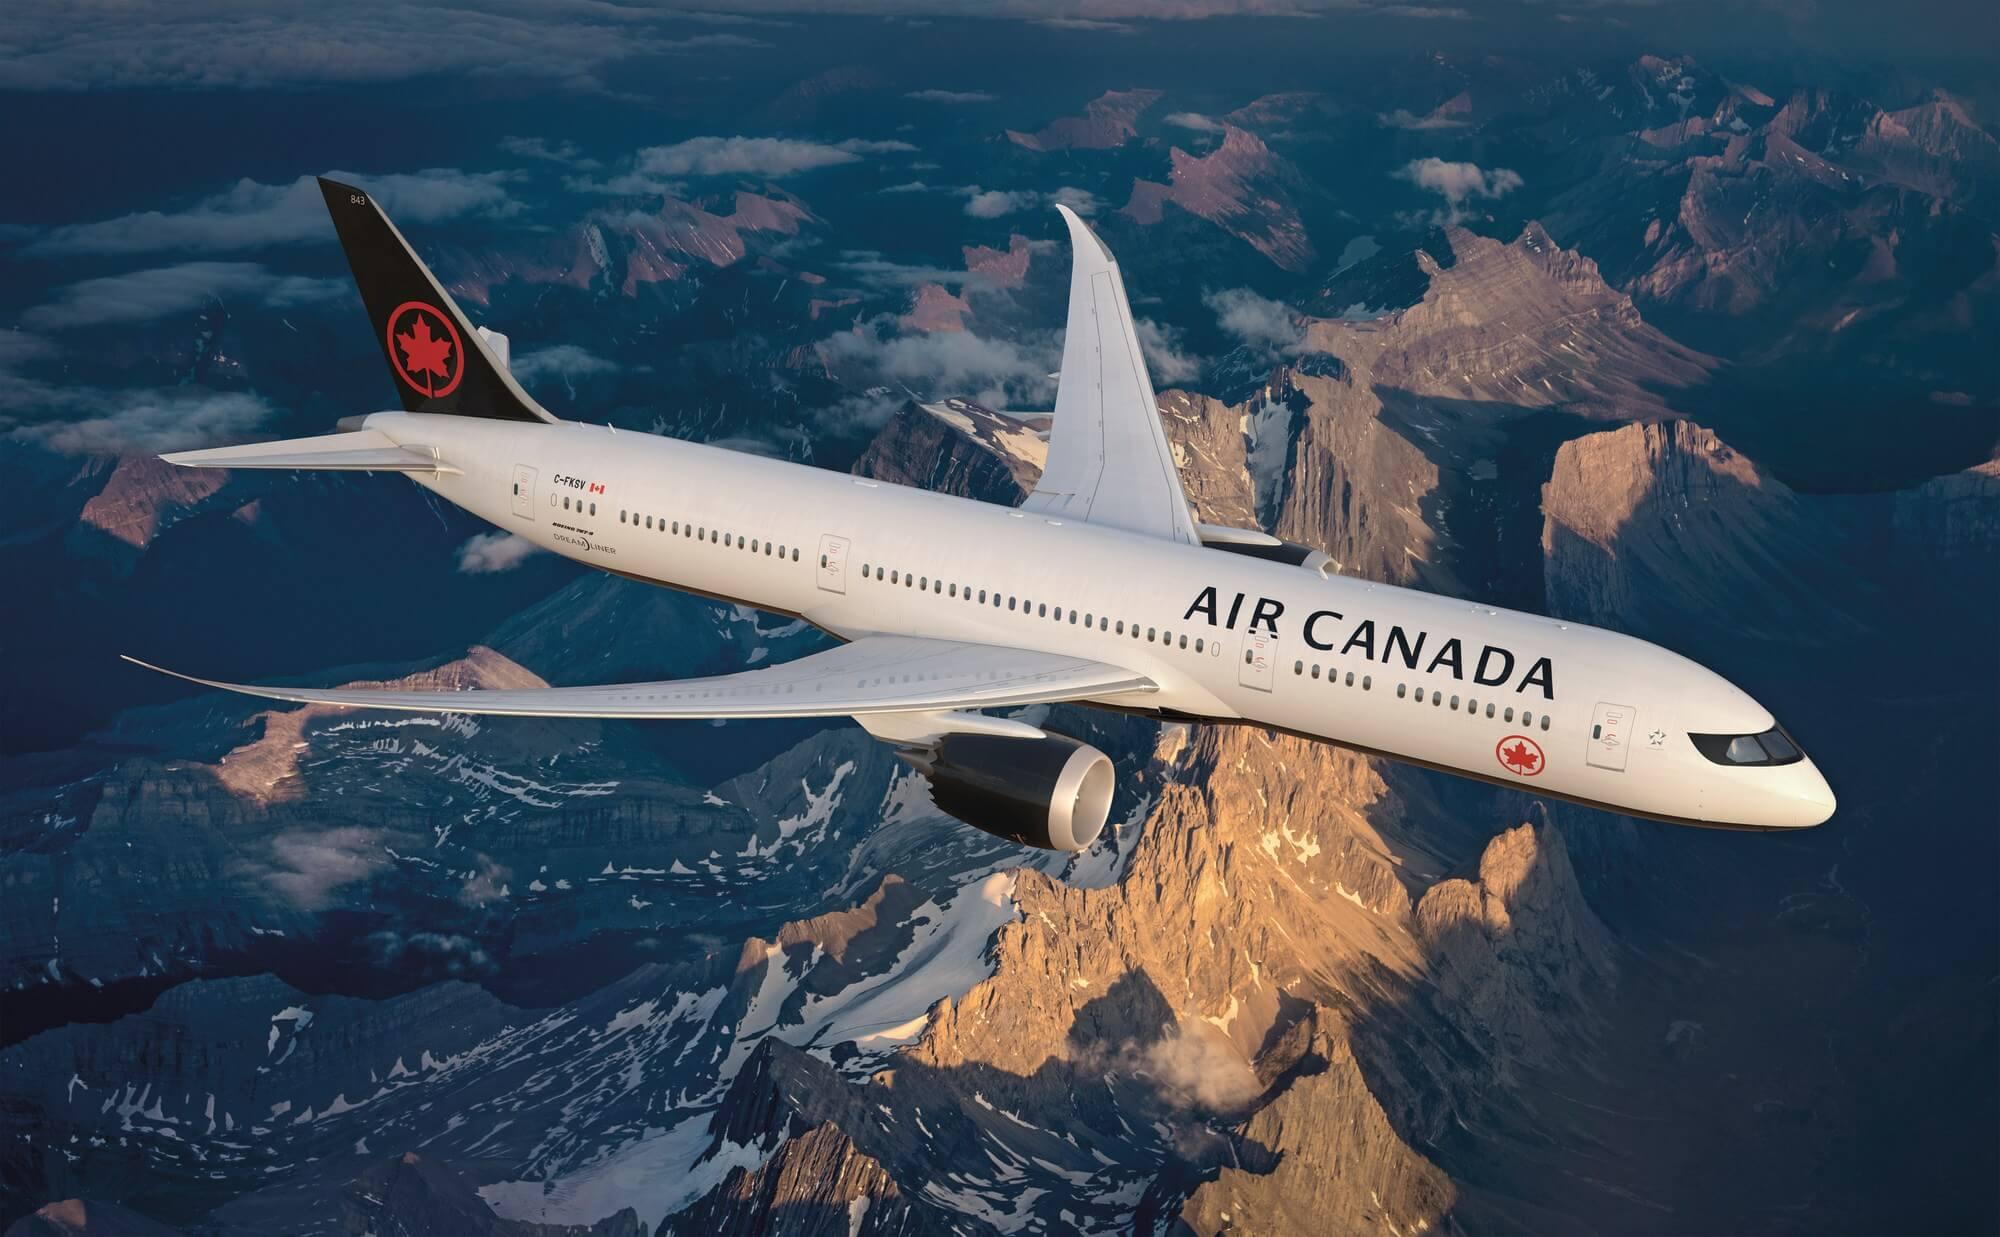 avion Air Canada dans les airs